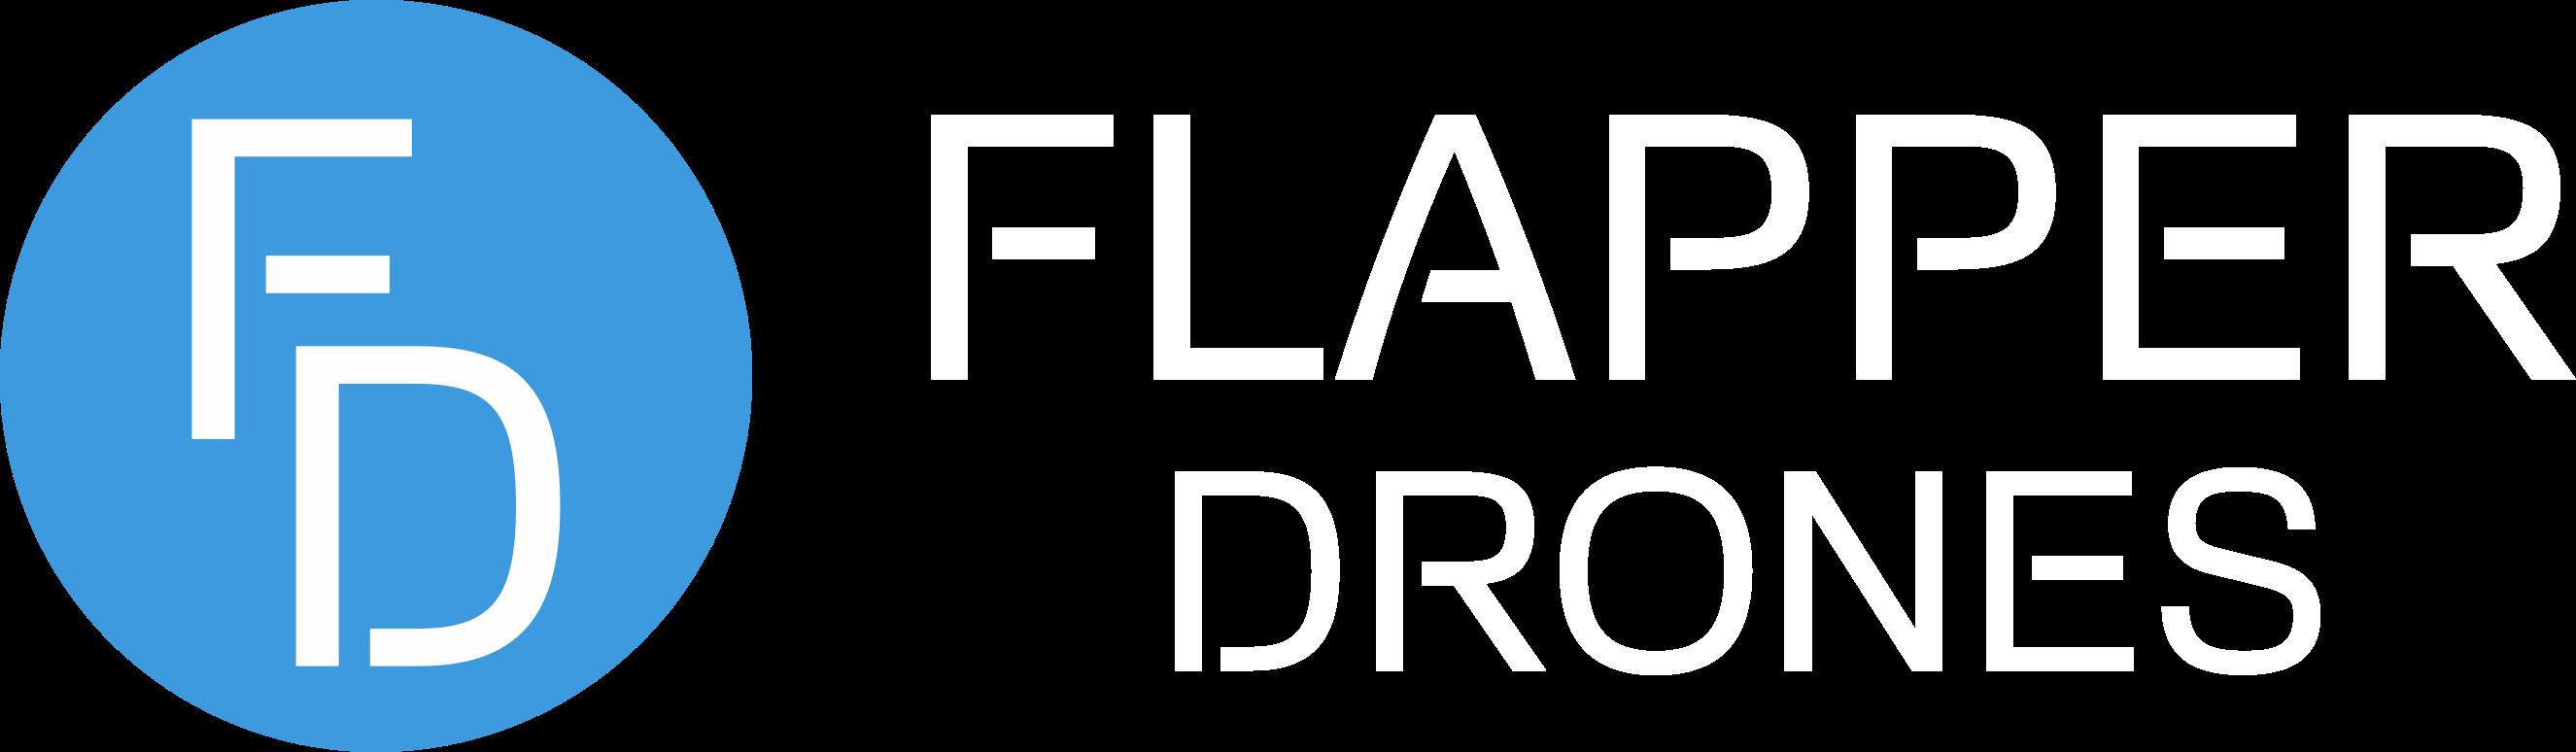 Flapper Drones